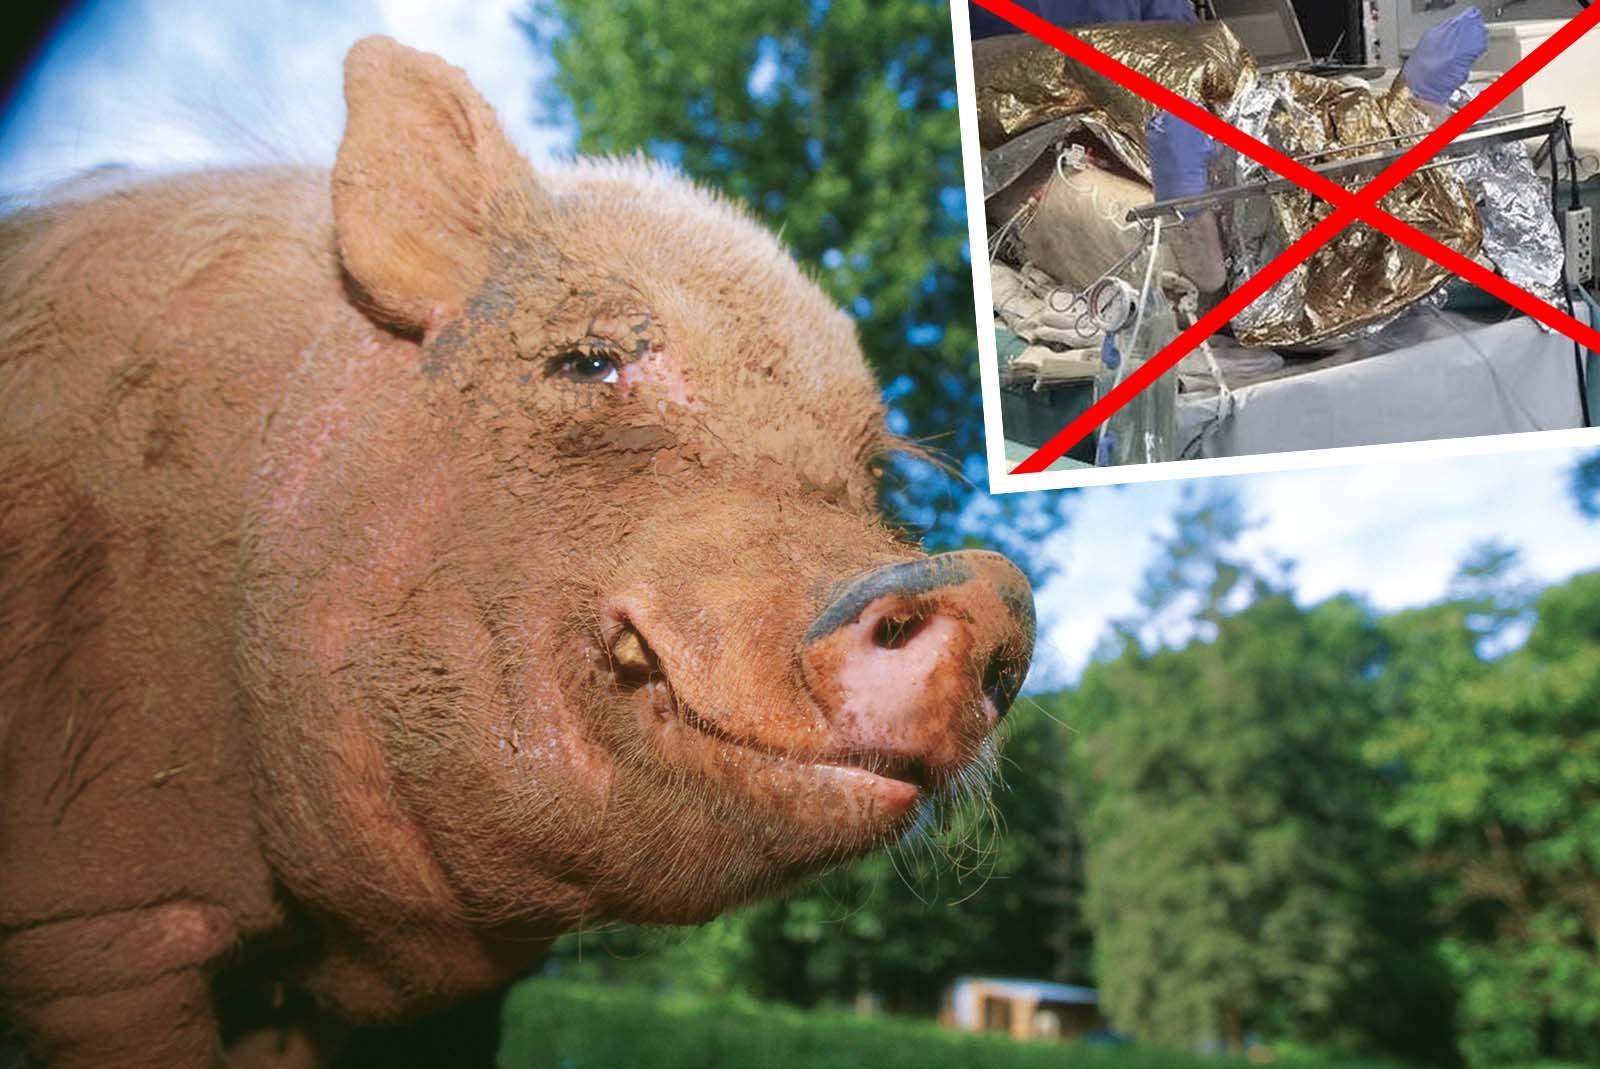 Erfolg! Keine chirurgischen Übungen an Schweinen mehr